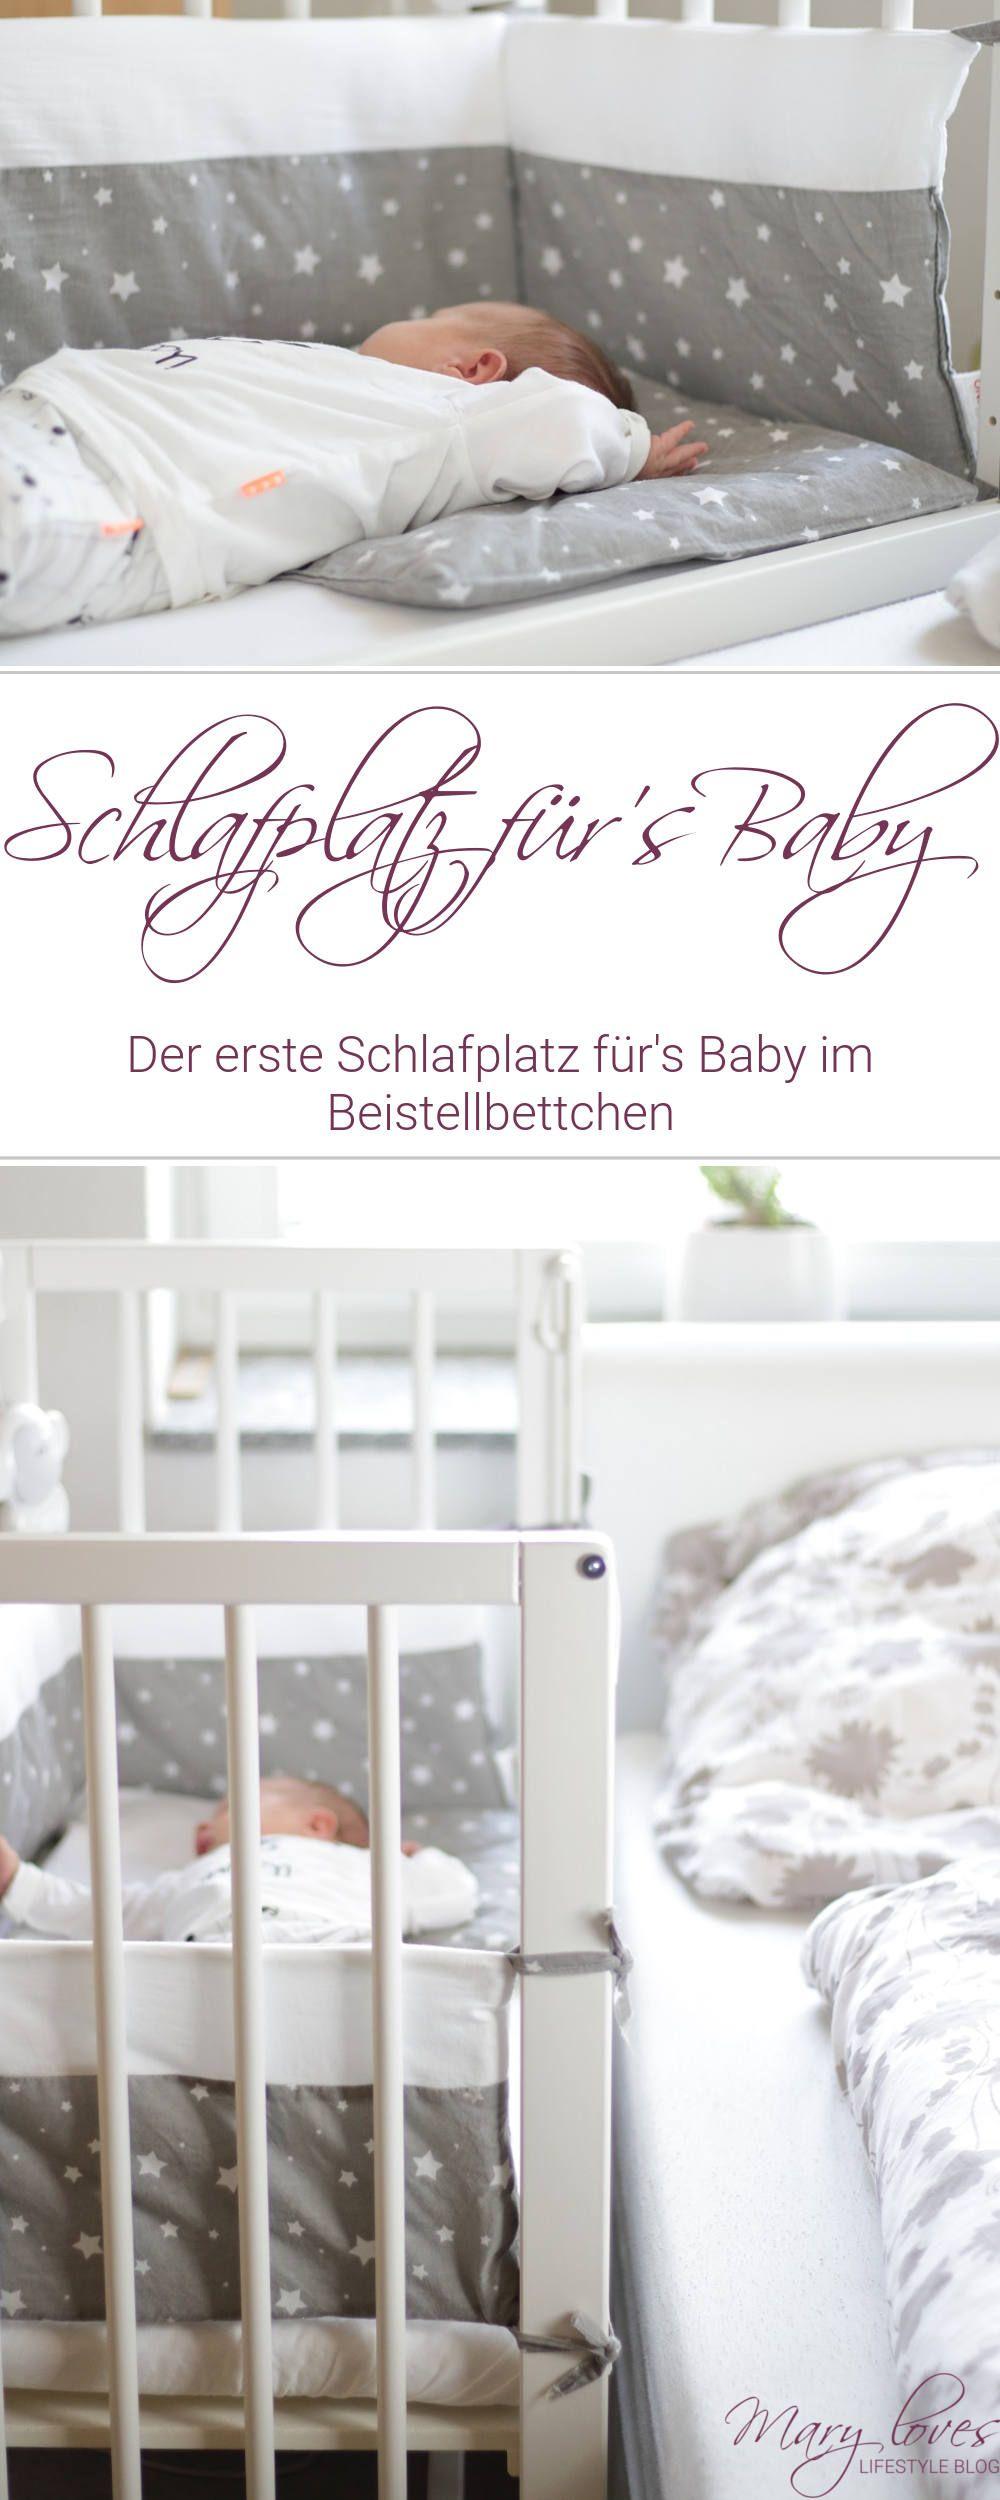 Der erste Schlafplatz für's Baby im Little World